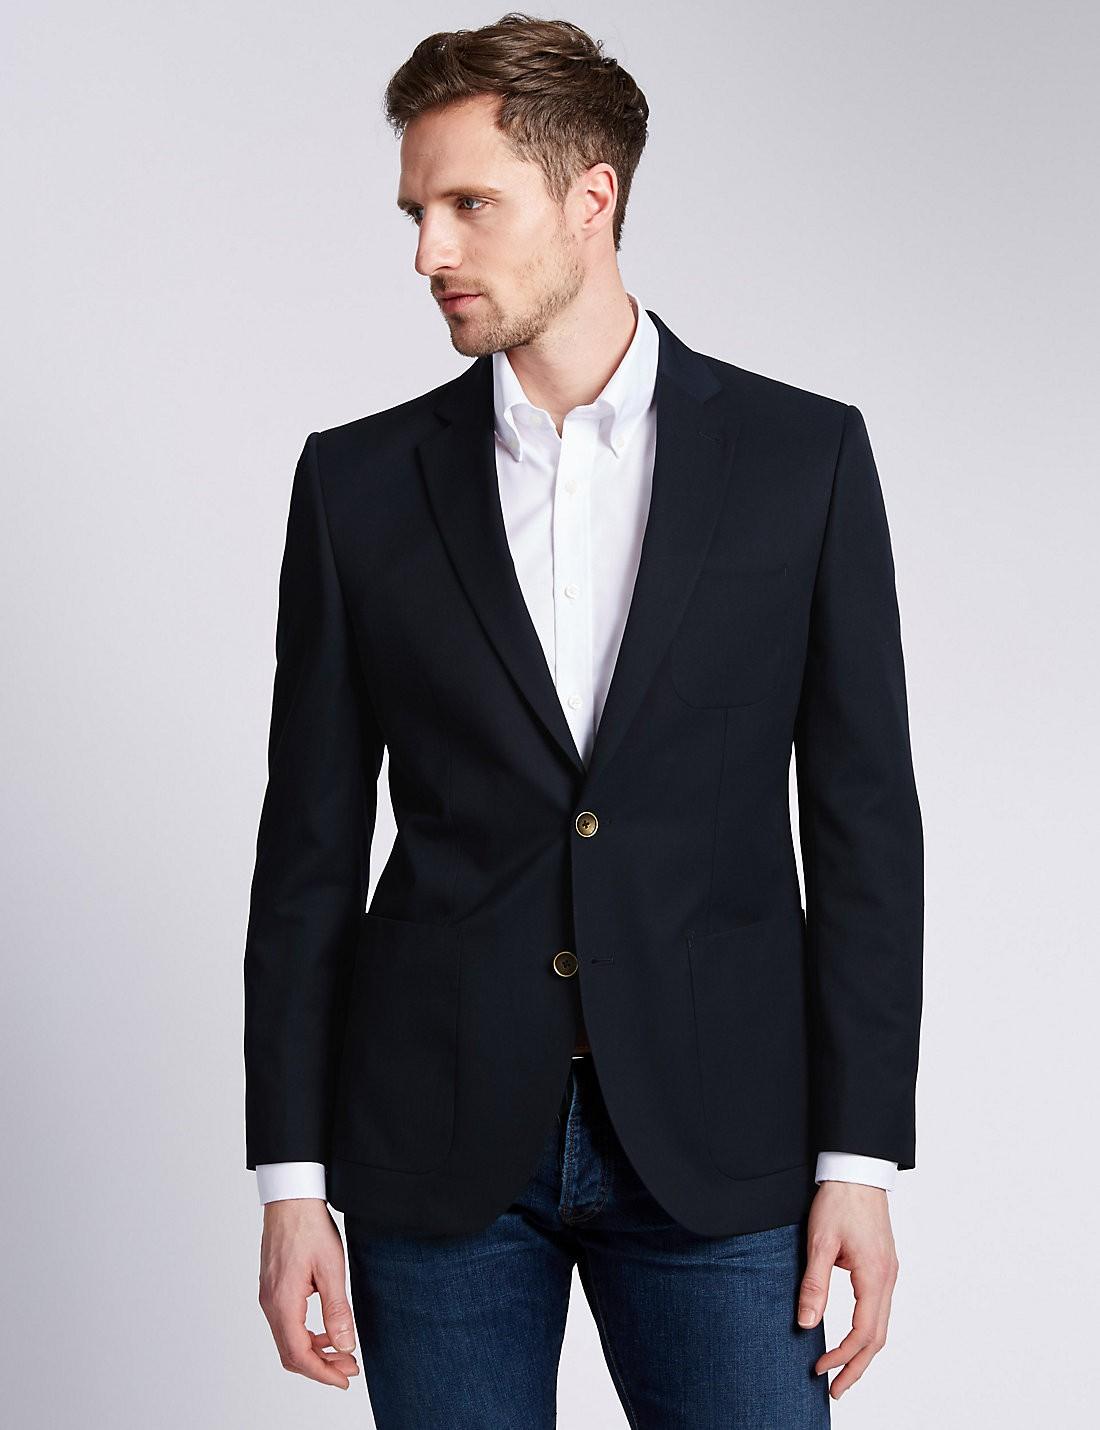 2 Düğmeli Çentik Yakalı Blazer Ceket